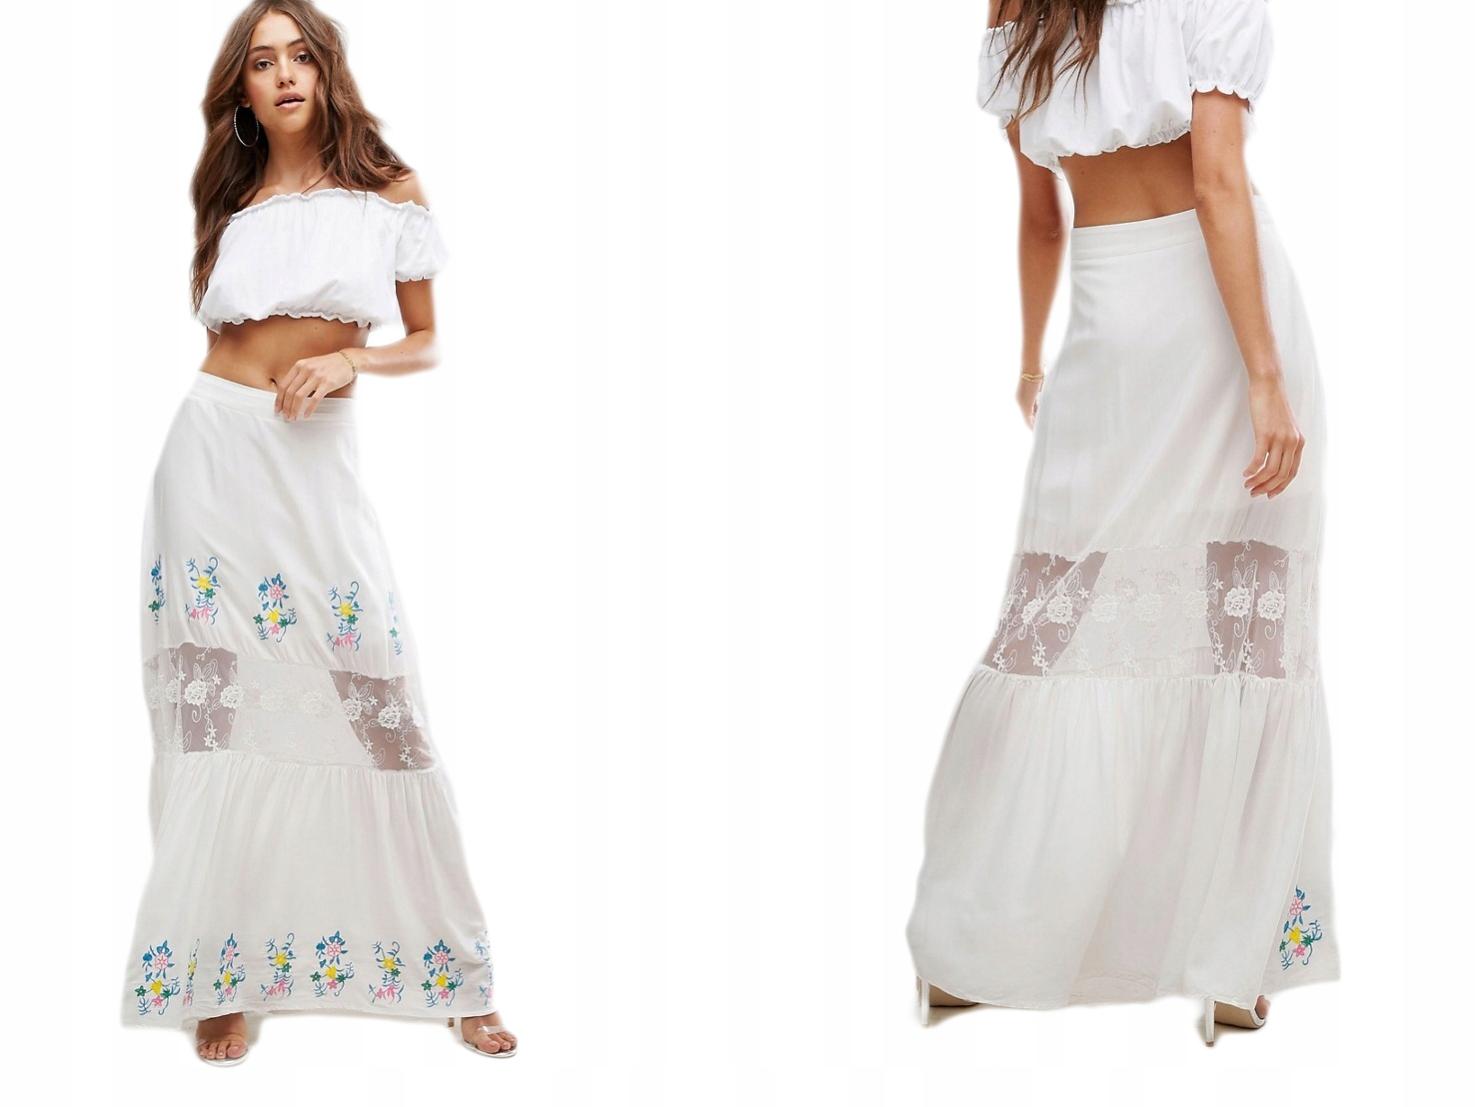 Boohoo biała maxi spódnica w kwiaty XS/34